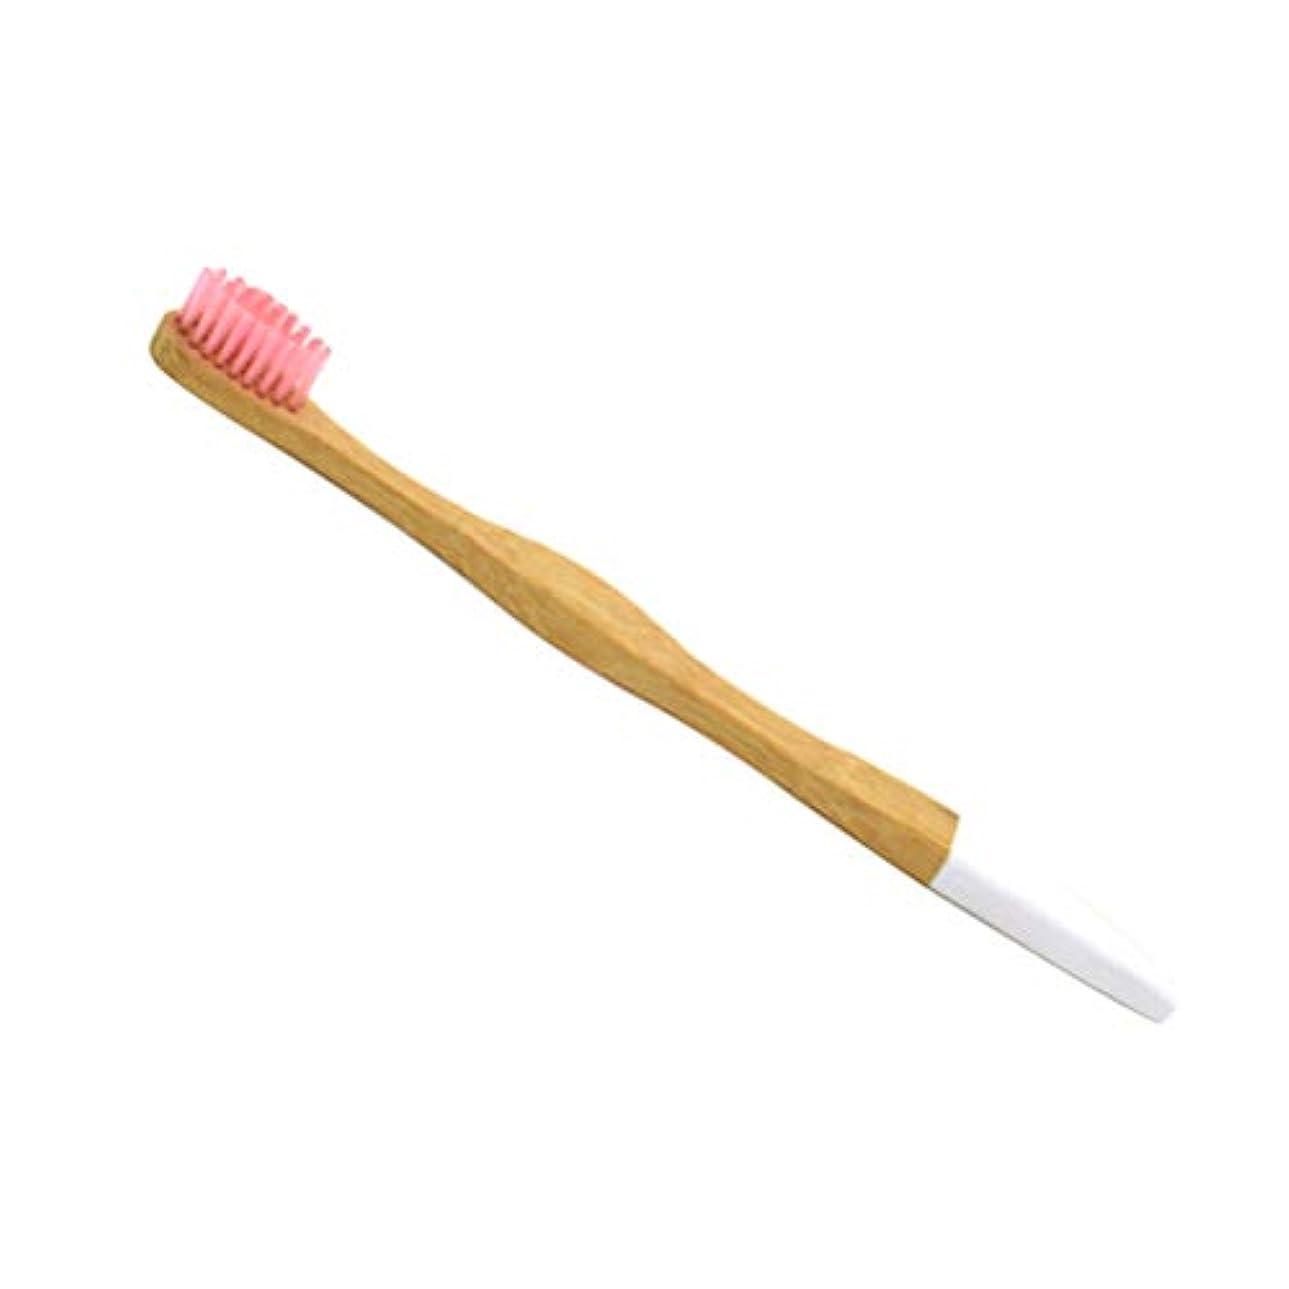 バンジージャンプ私光のHealifty 歯ブラシ環境に優しい竹の歯ブラシ